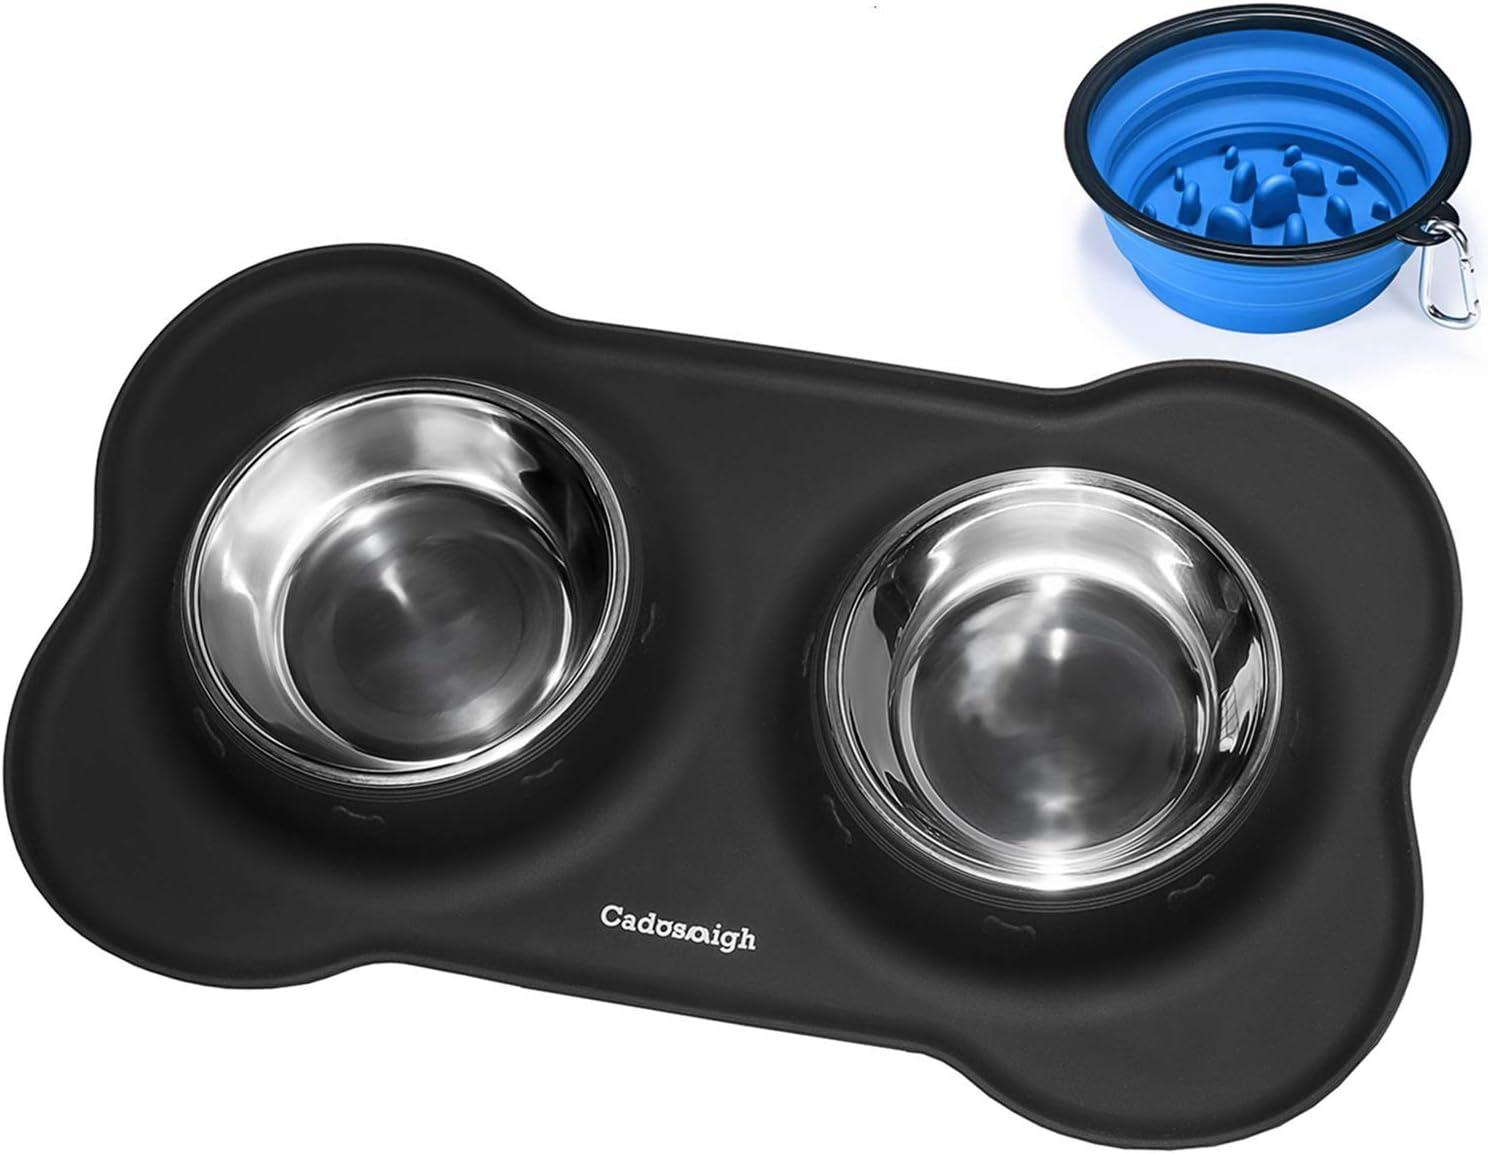 Cadosoigh Comedero para Gatos Perros Mascotas de Acero Inoxidable(2 * 12oz/400ml) con Base de Silicona Antideslizante,con Tazón Plegable